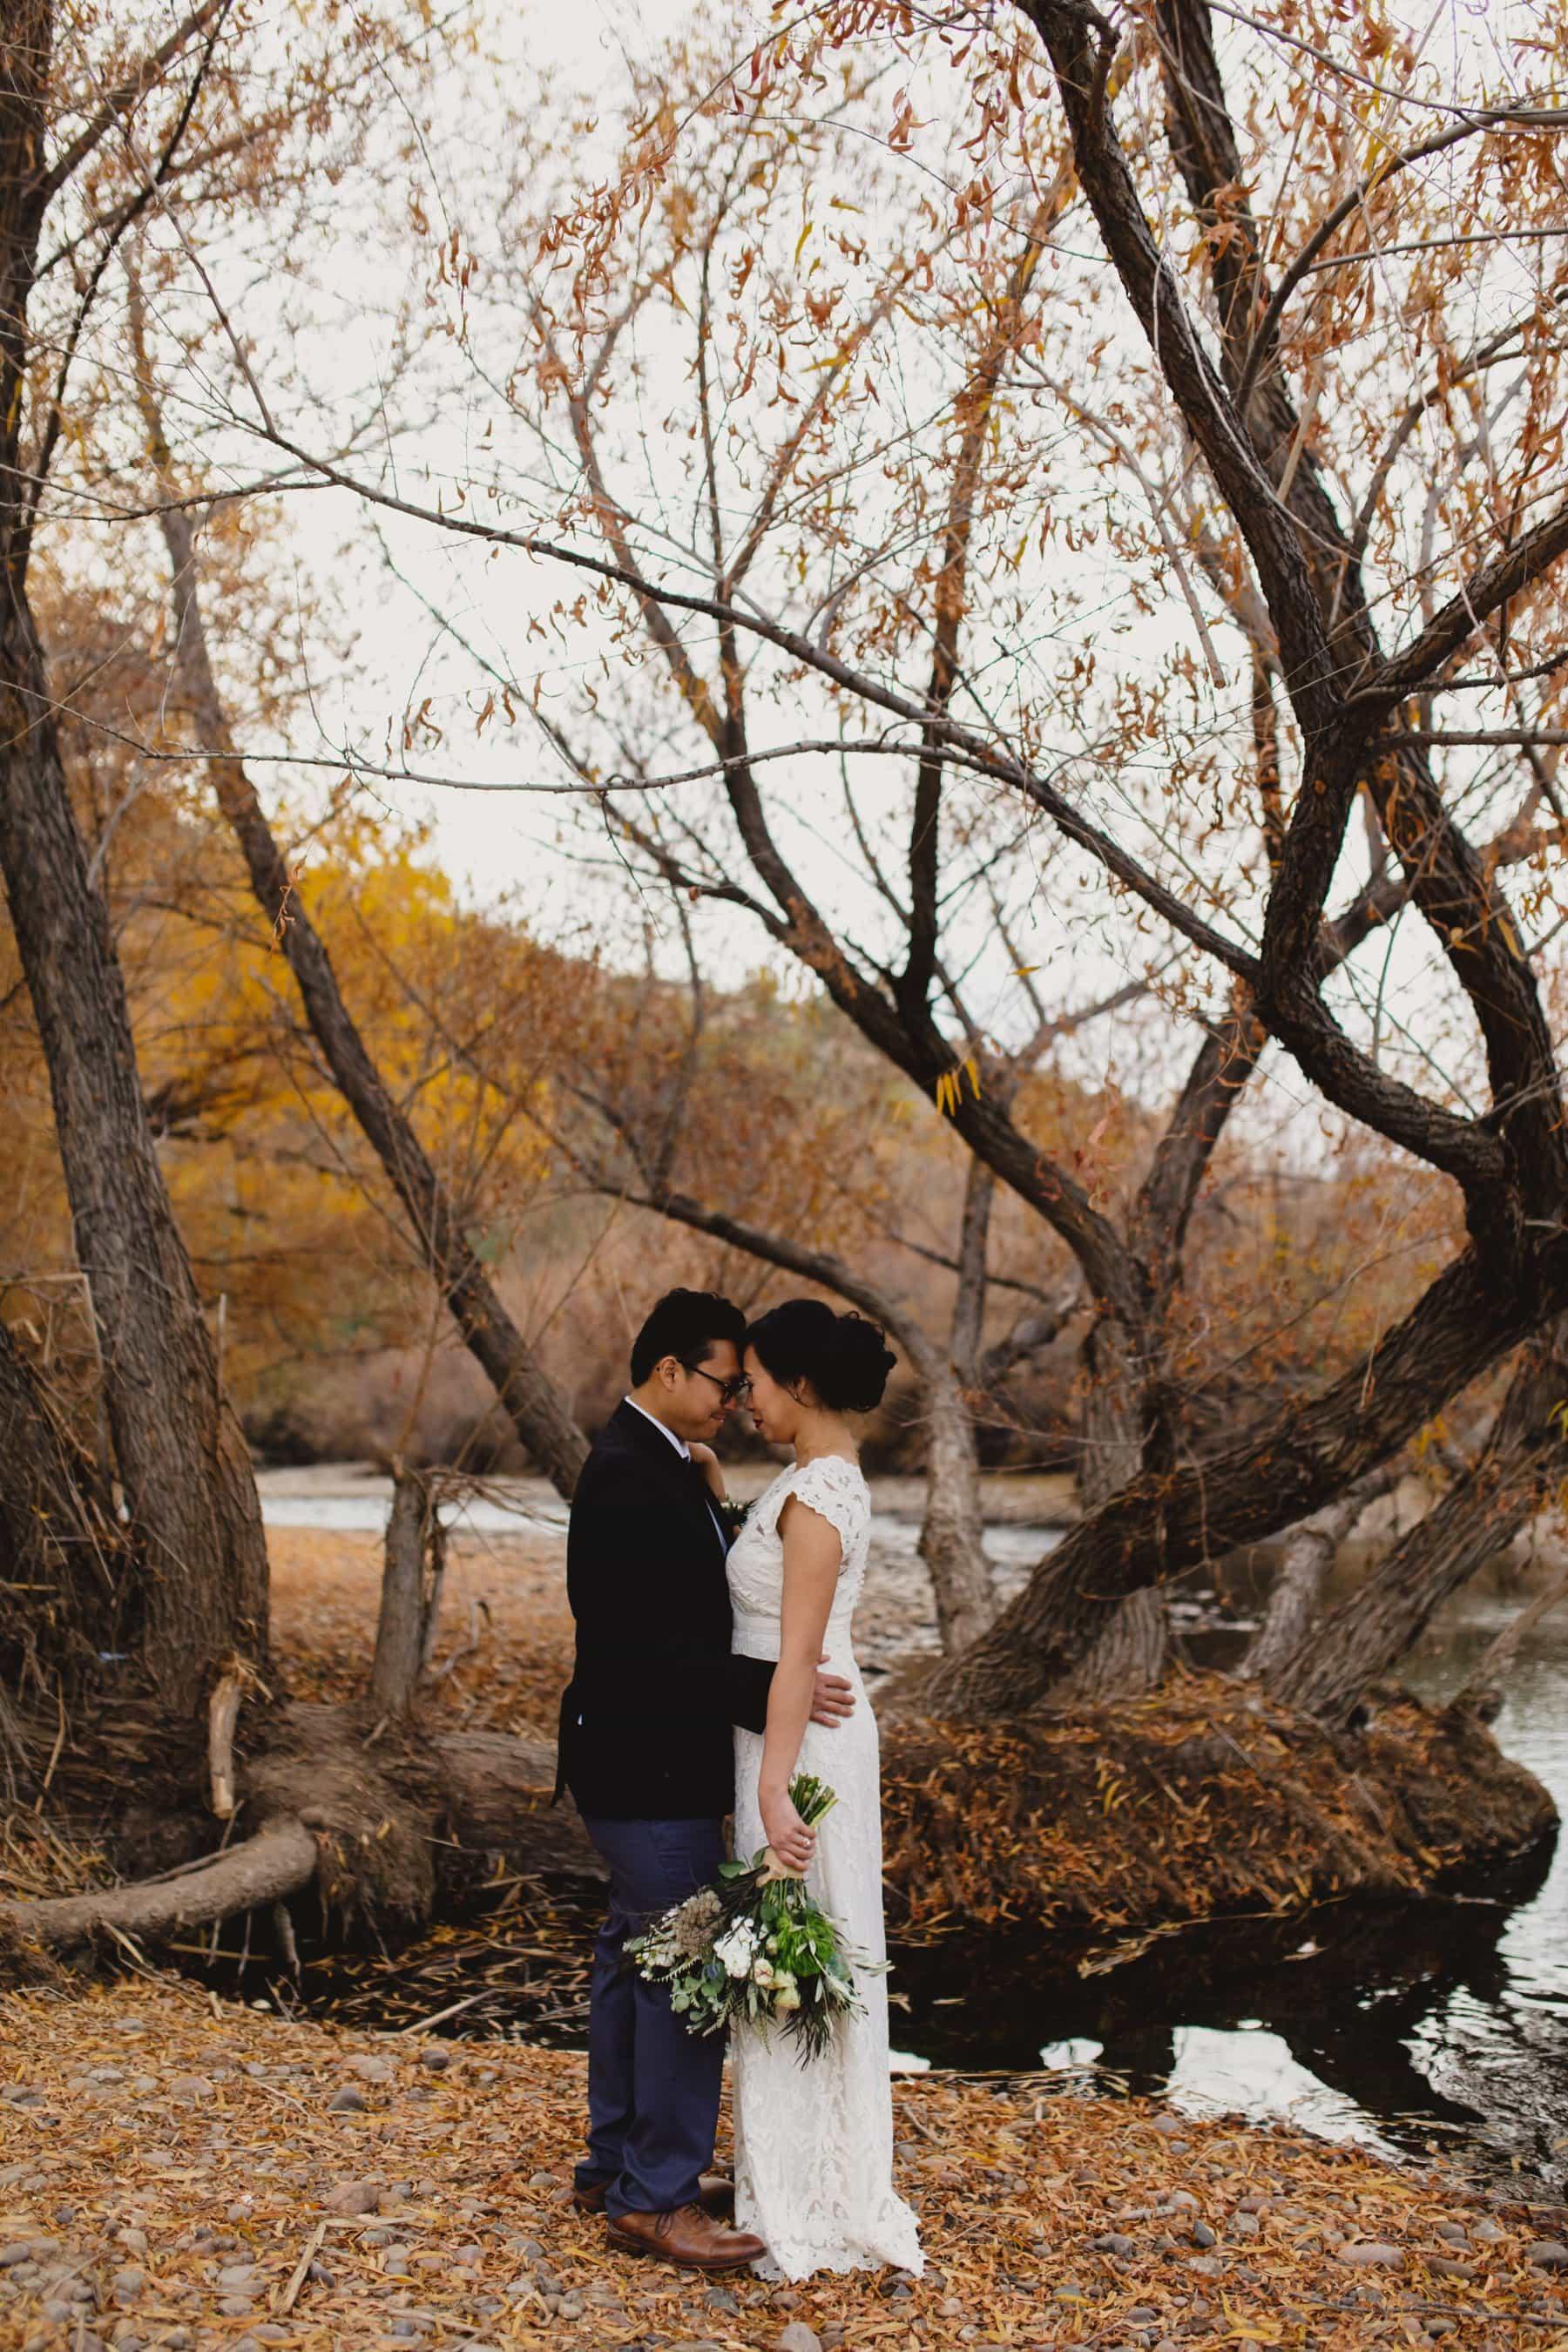 fall wedding in Arizona